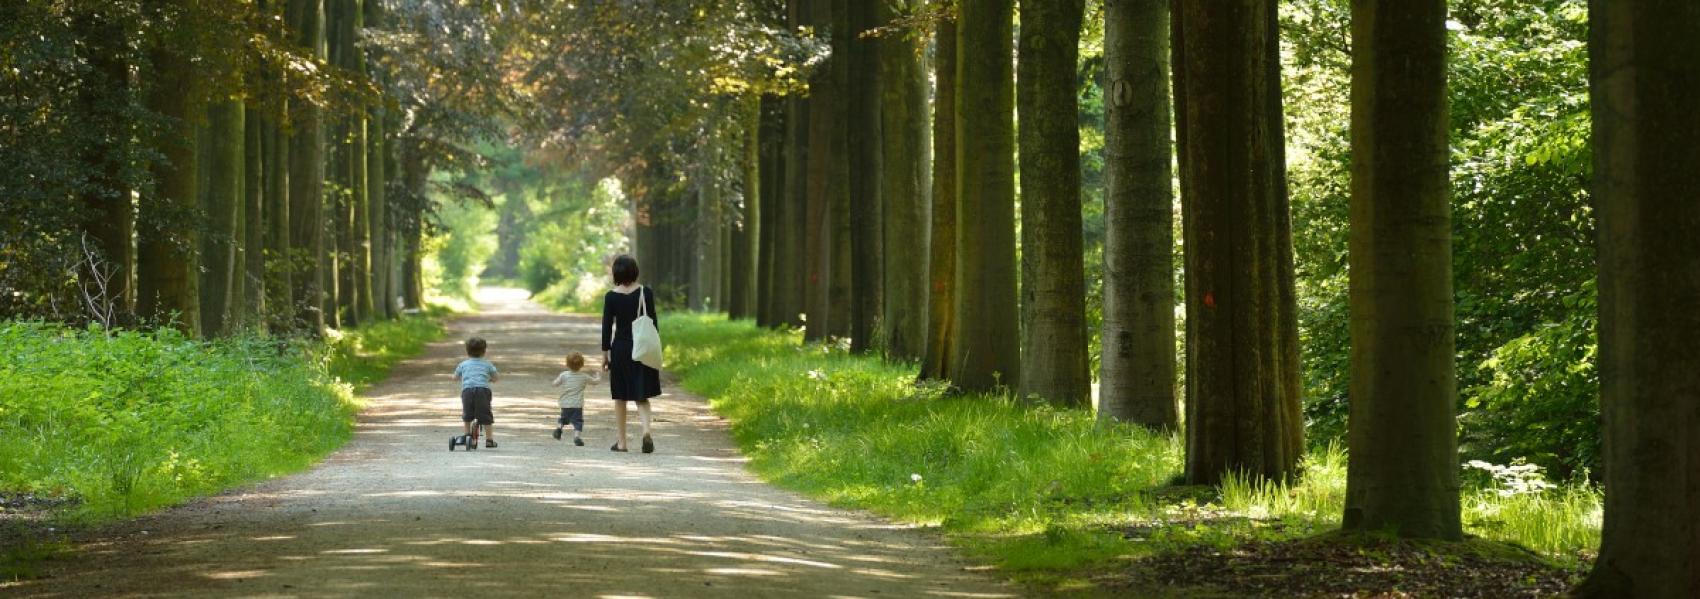 vrouw met kinderen in het bos